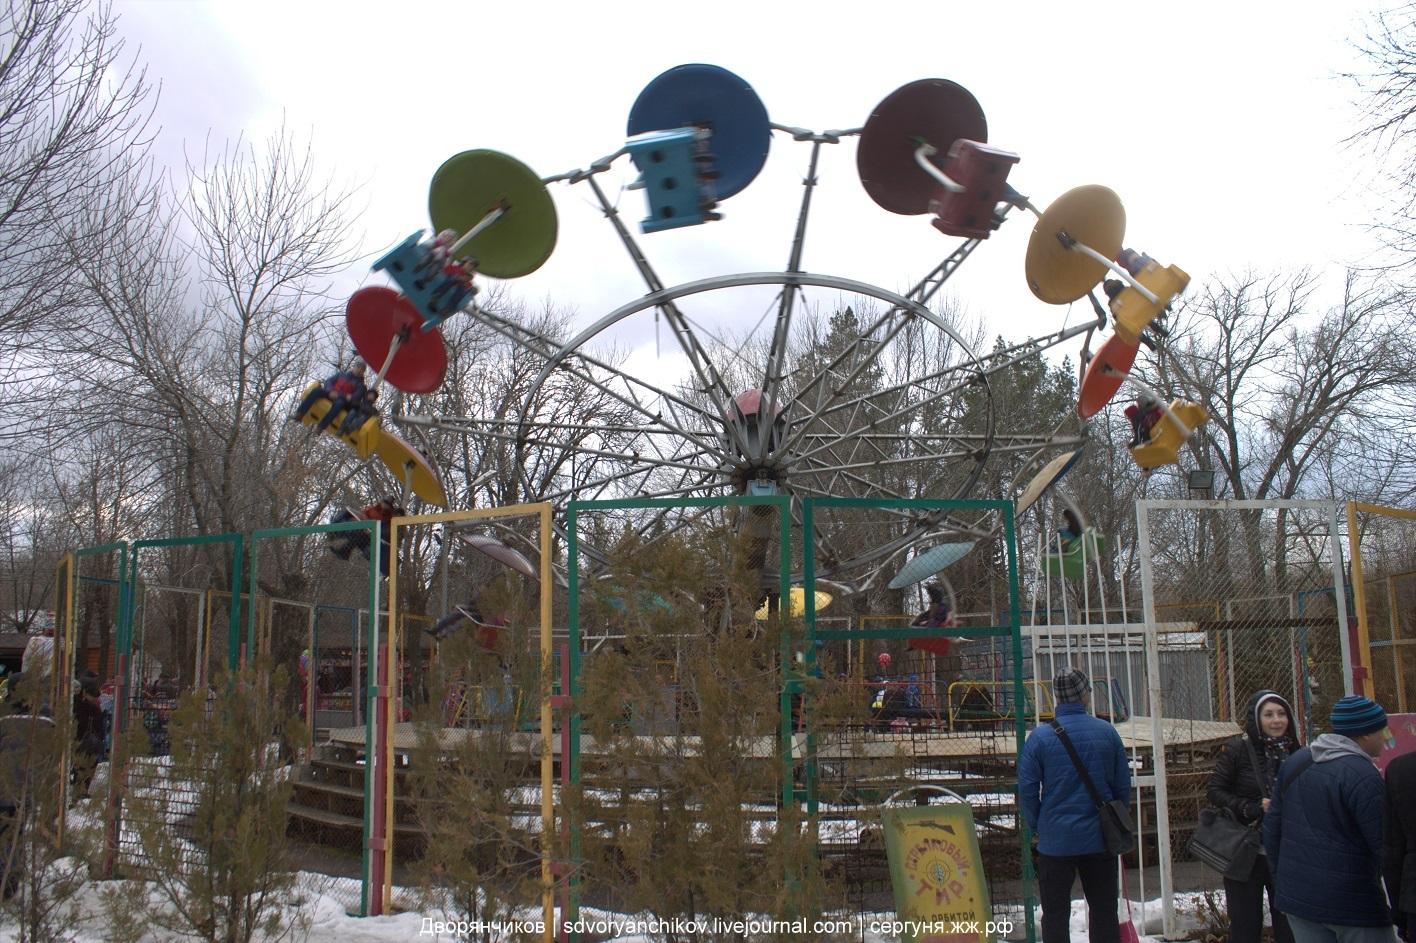 Парк ВГС - Широкая масленица - 26 февраля 2017